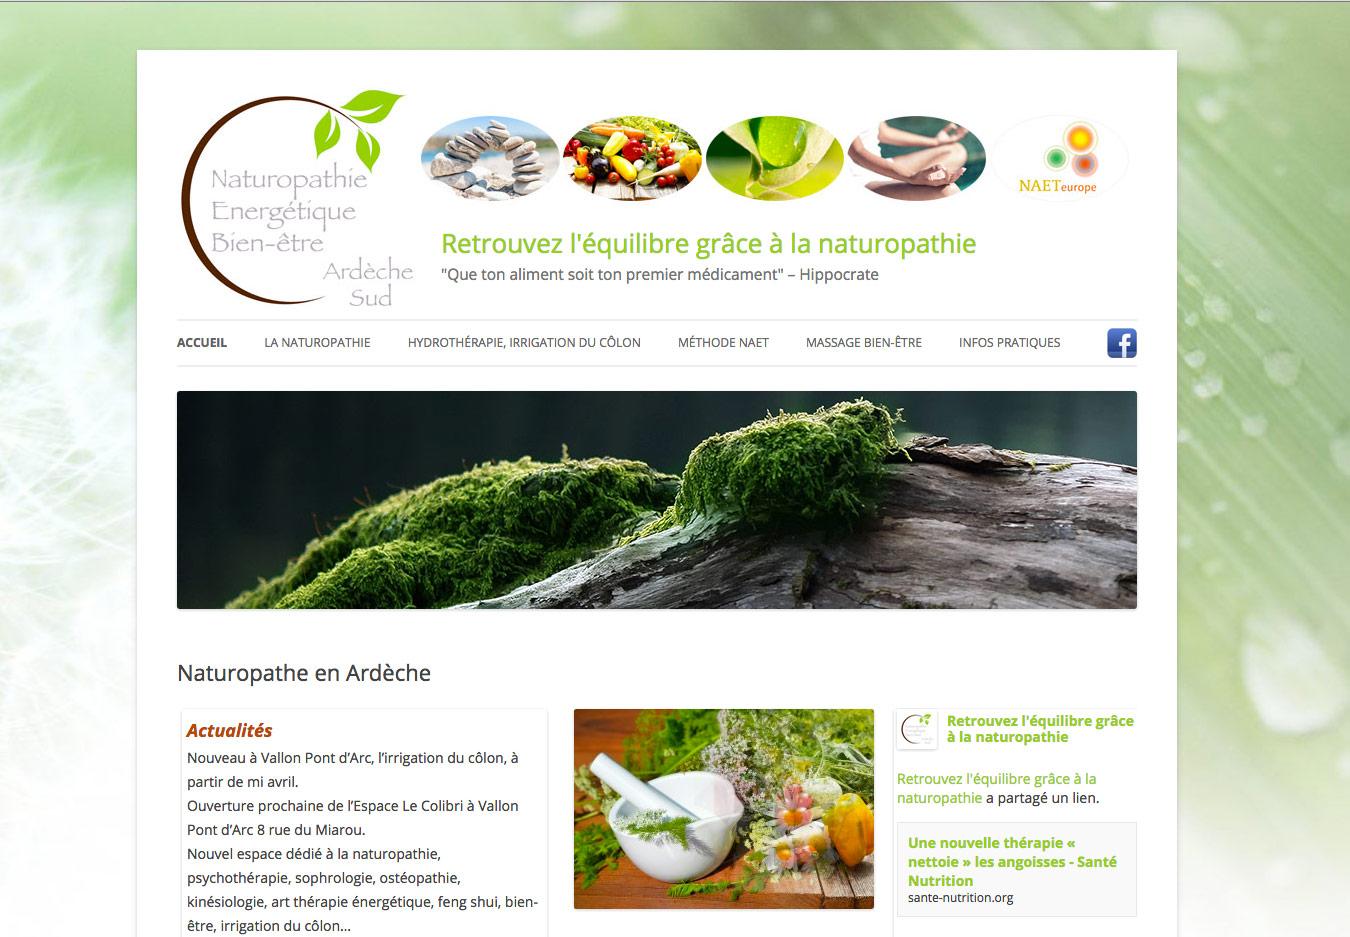 Conception de l'identité visuelle et d'un logo pour le site internet Naturopathie en Ardèche